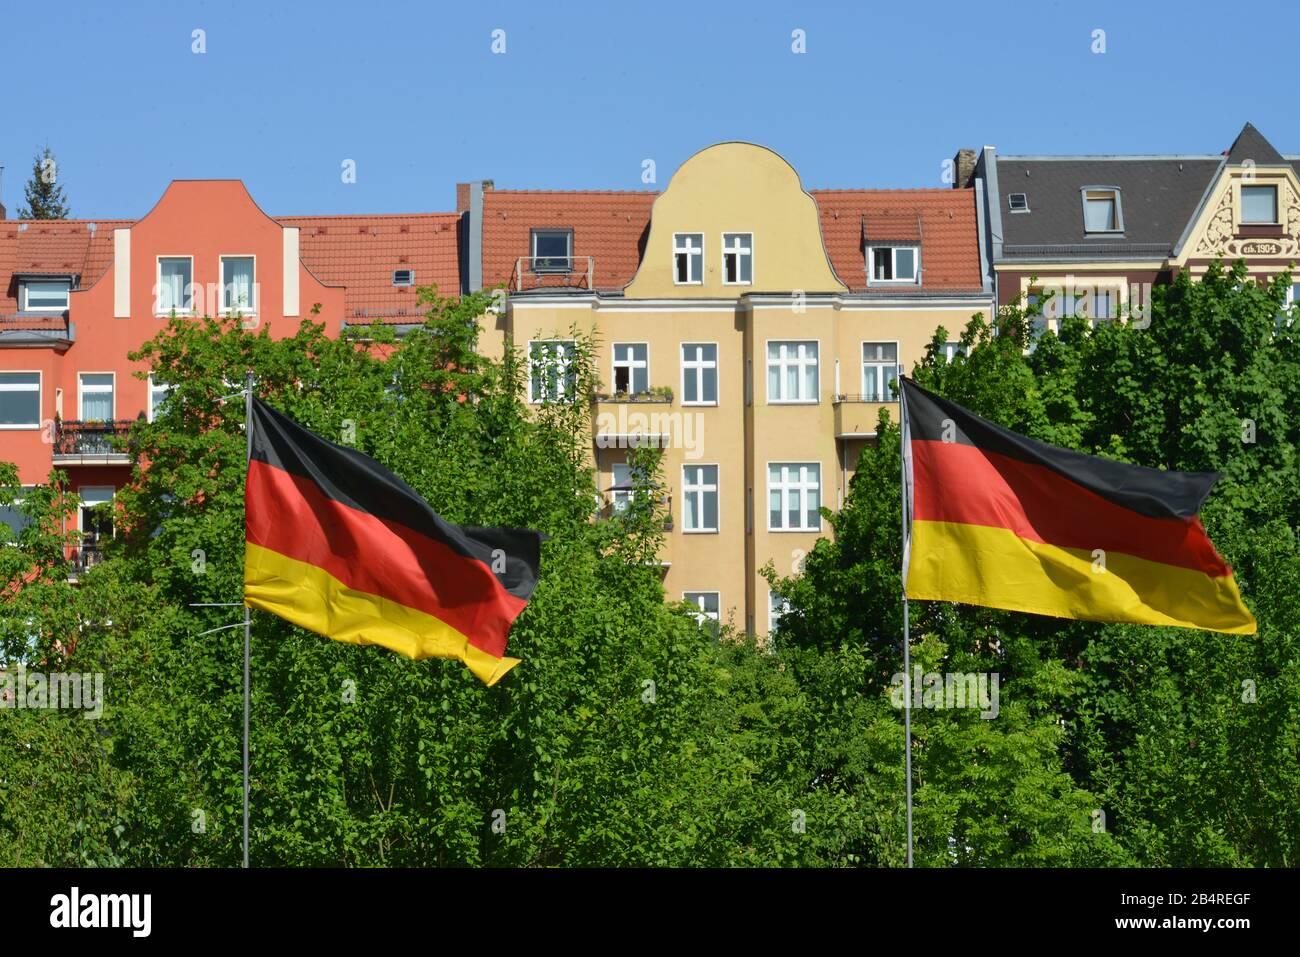 Altbauten, Alsenstrasse, Steglitz, Berlin, Deutschland Stock Photo